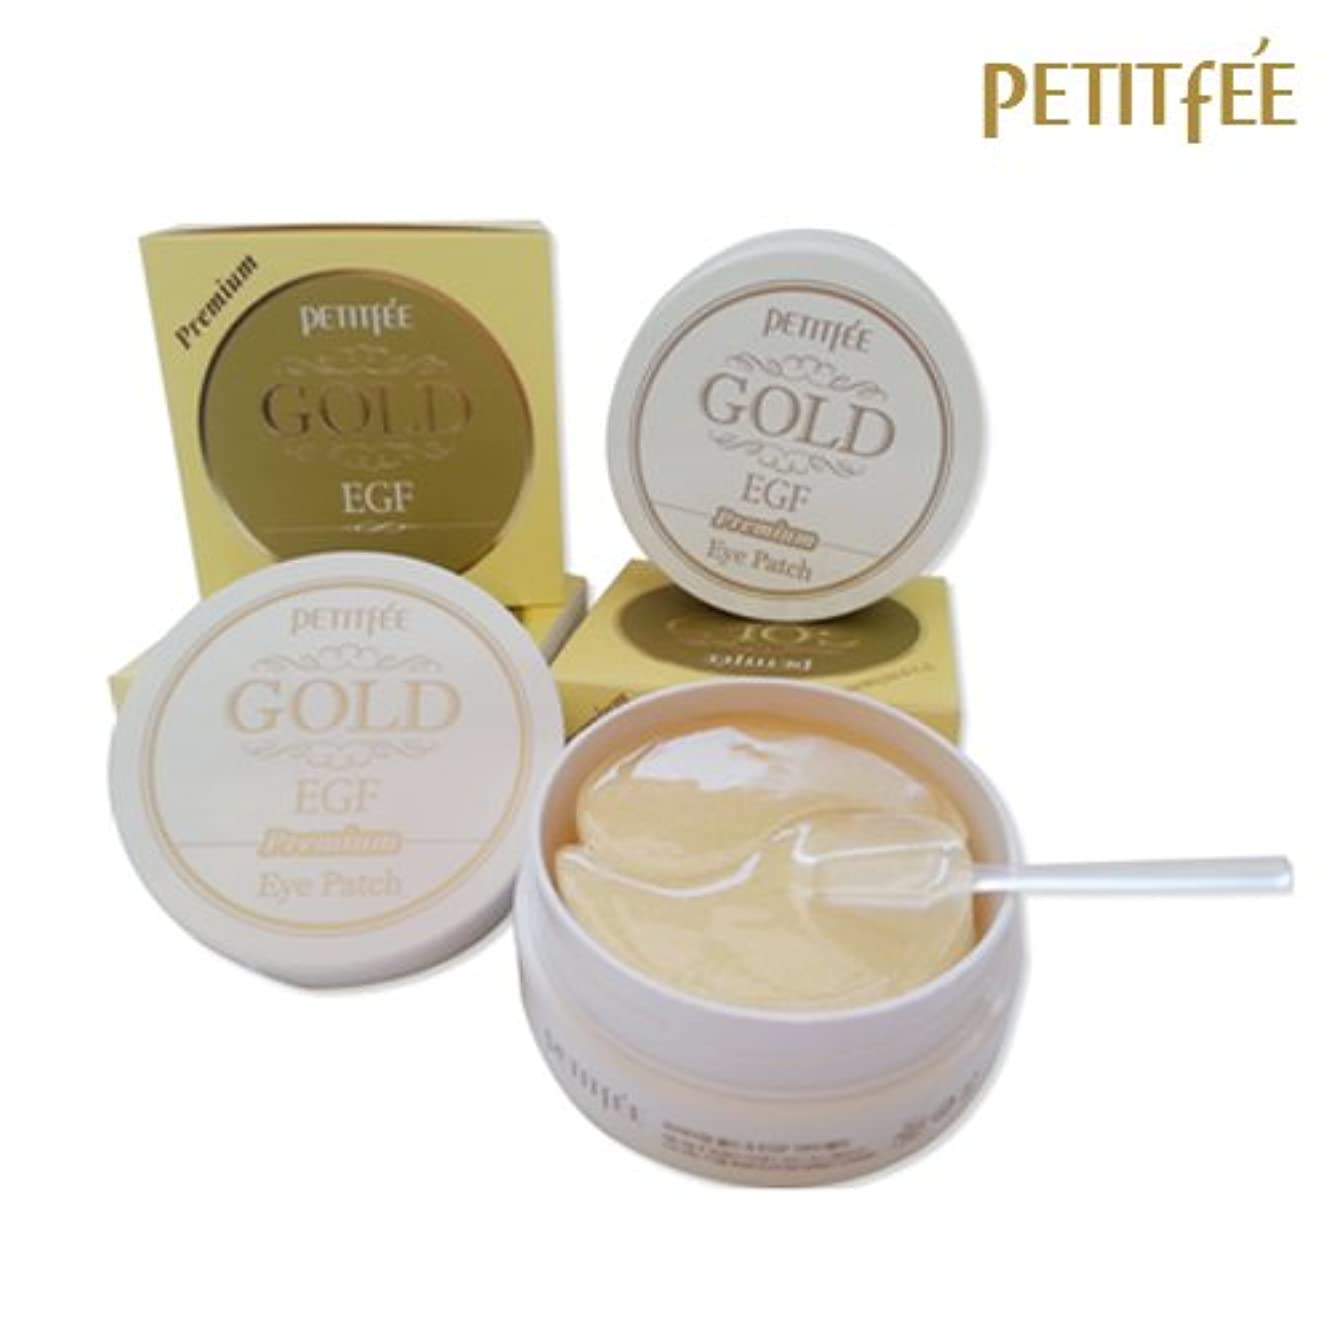 ハンドブックシャベル法王Petitfee GOLD&EGF アイ&スポットパッチ [海外直送品]